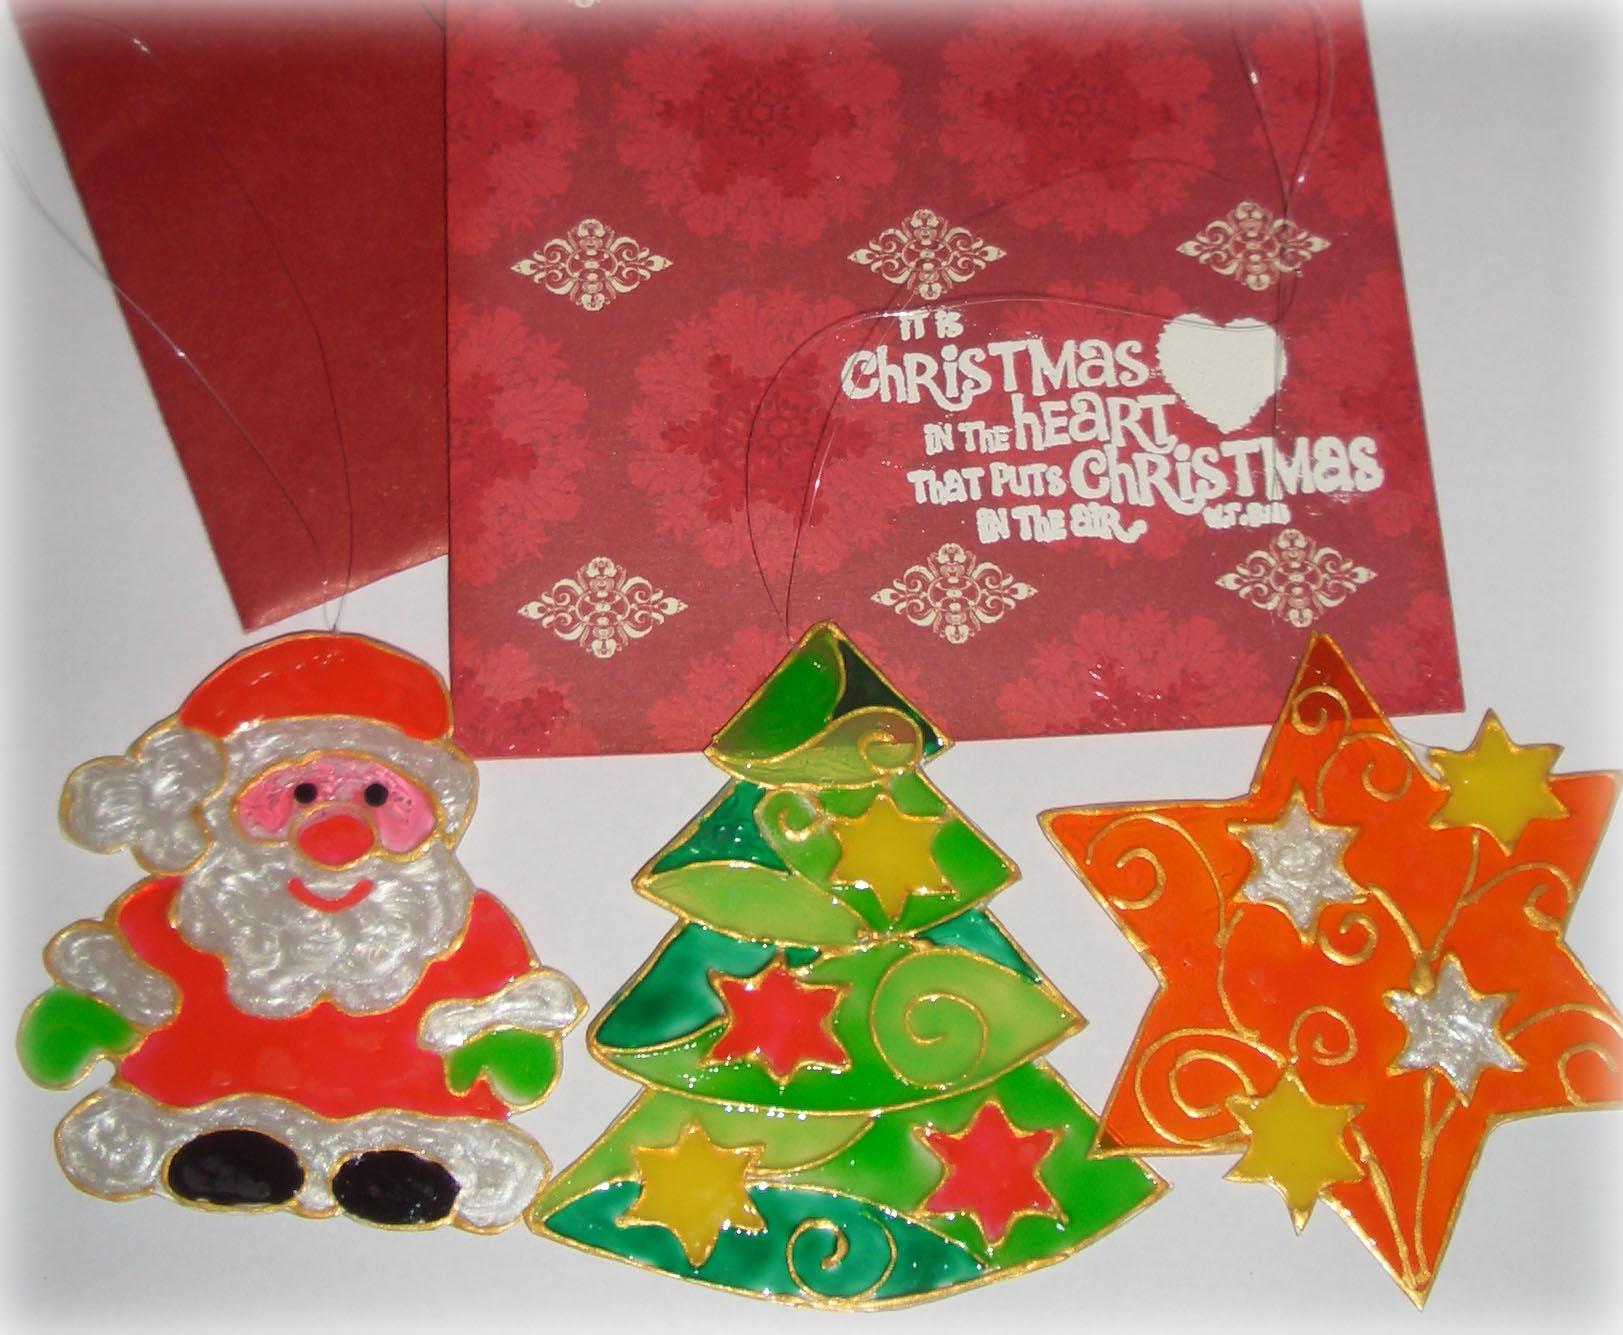 Pacchi di natale decorazioni e sacchetti fai da te per i tuoi regali donna fanpage - Decorazioni natalizie fai da te per finestre ...